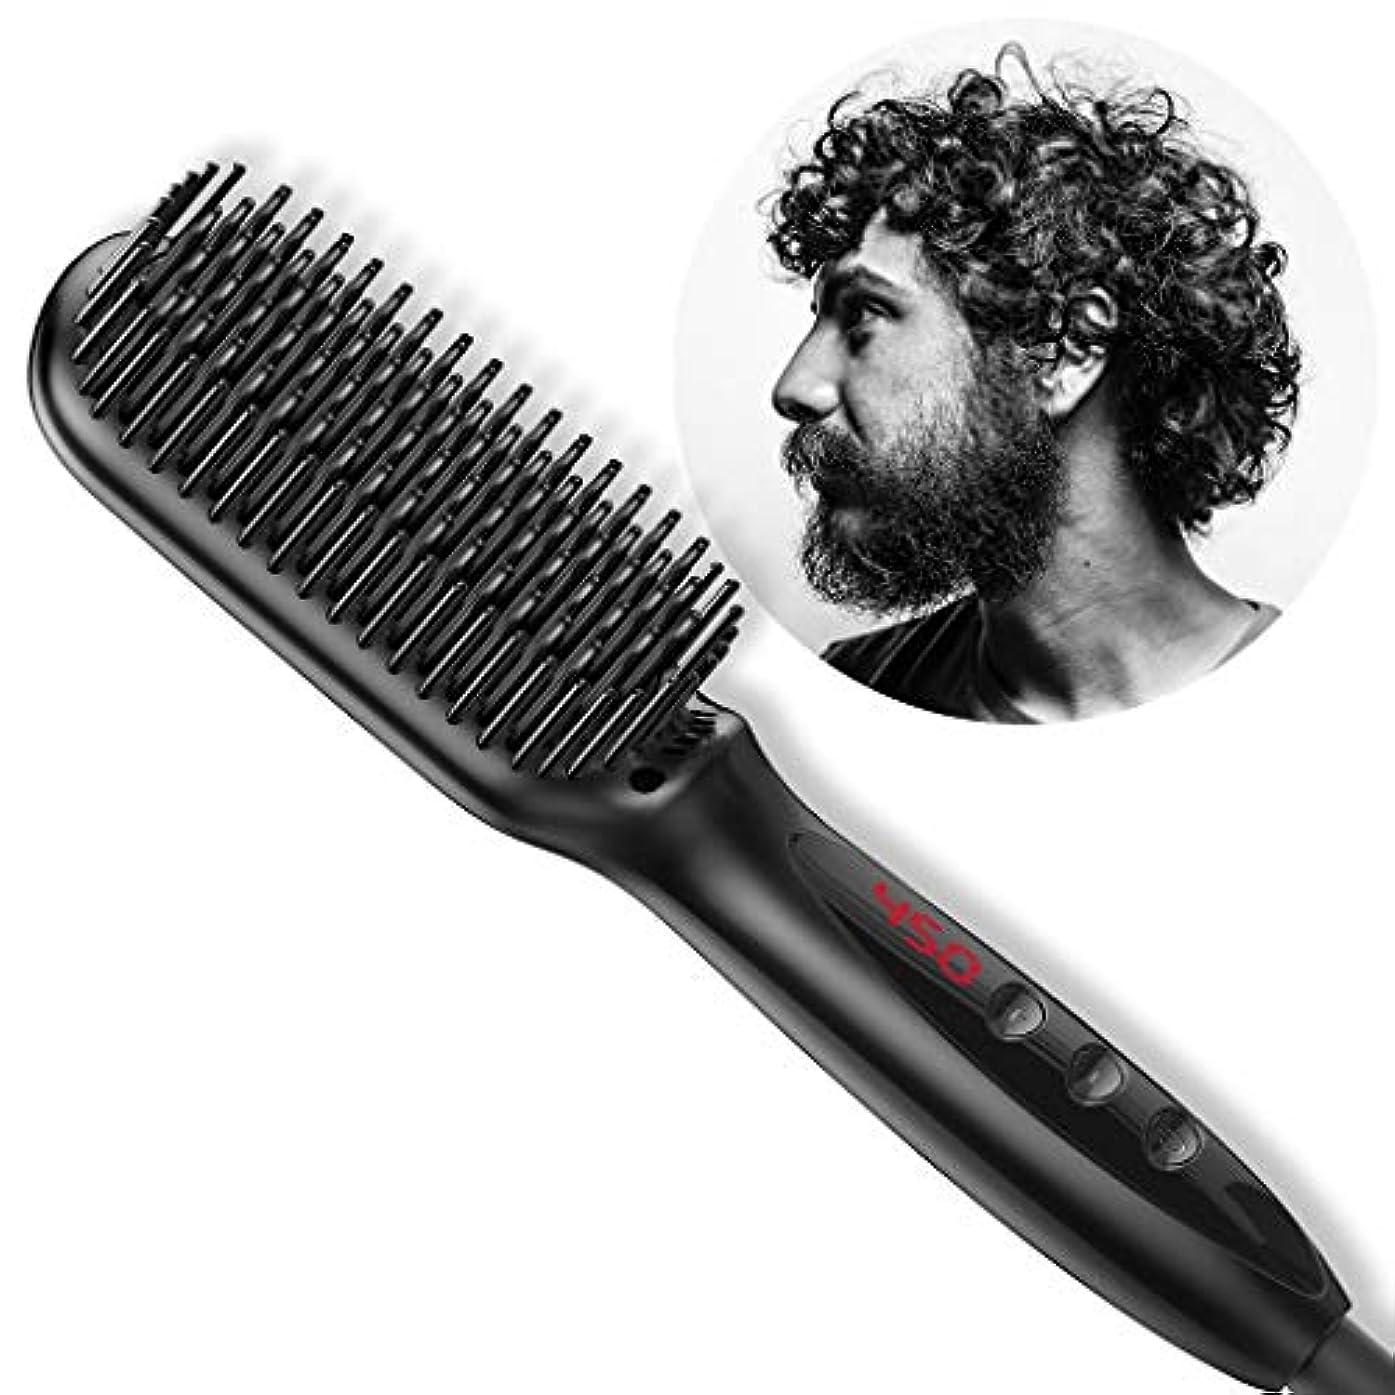 流暢荒廃する絶滅したストレイテナーくし、電気髪カーリングカーラーブラシウェットとドライのデュアルユースアンチ火傷セラミックイオンヘアブラシすべての髪のタイプのために